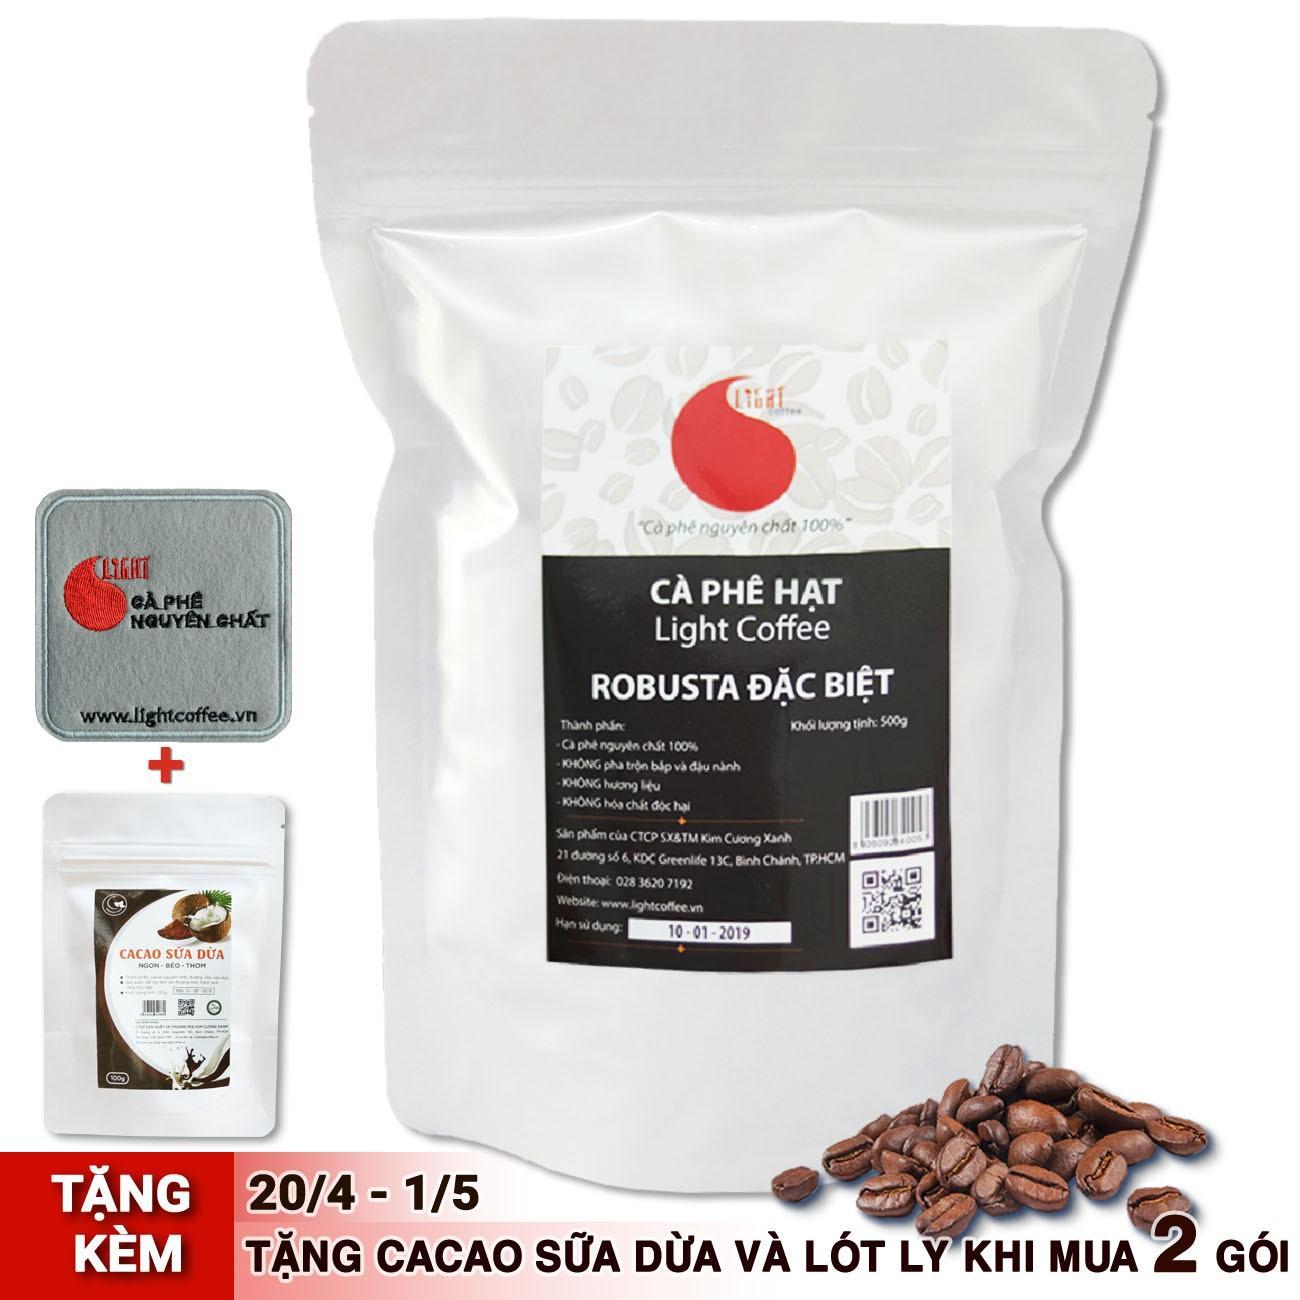 Cafe hạt Robusta nguyên chất 100% - Đặc biệt - Light Coffee - 500gr